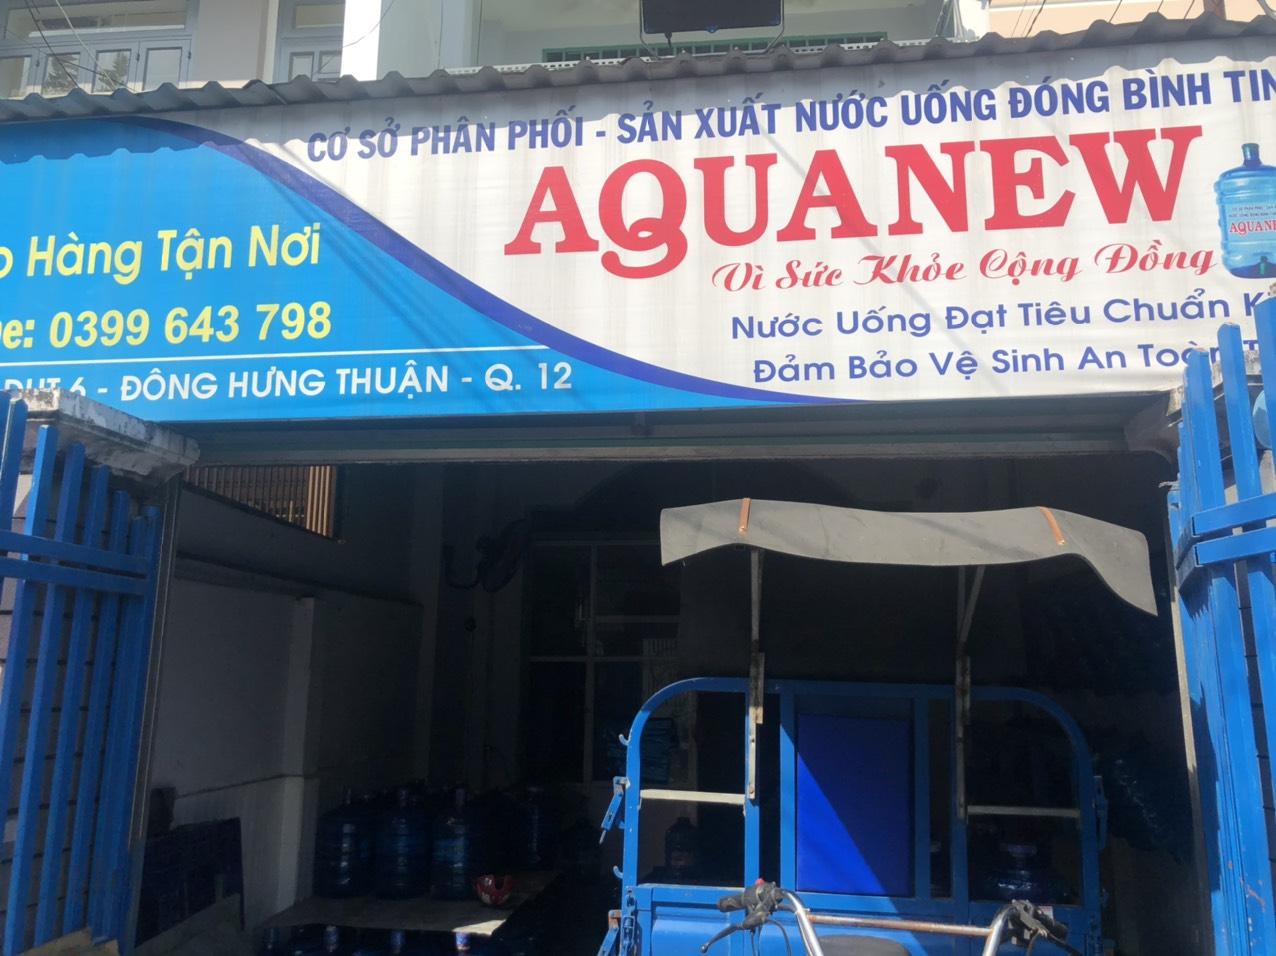 aquanew